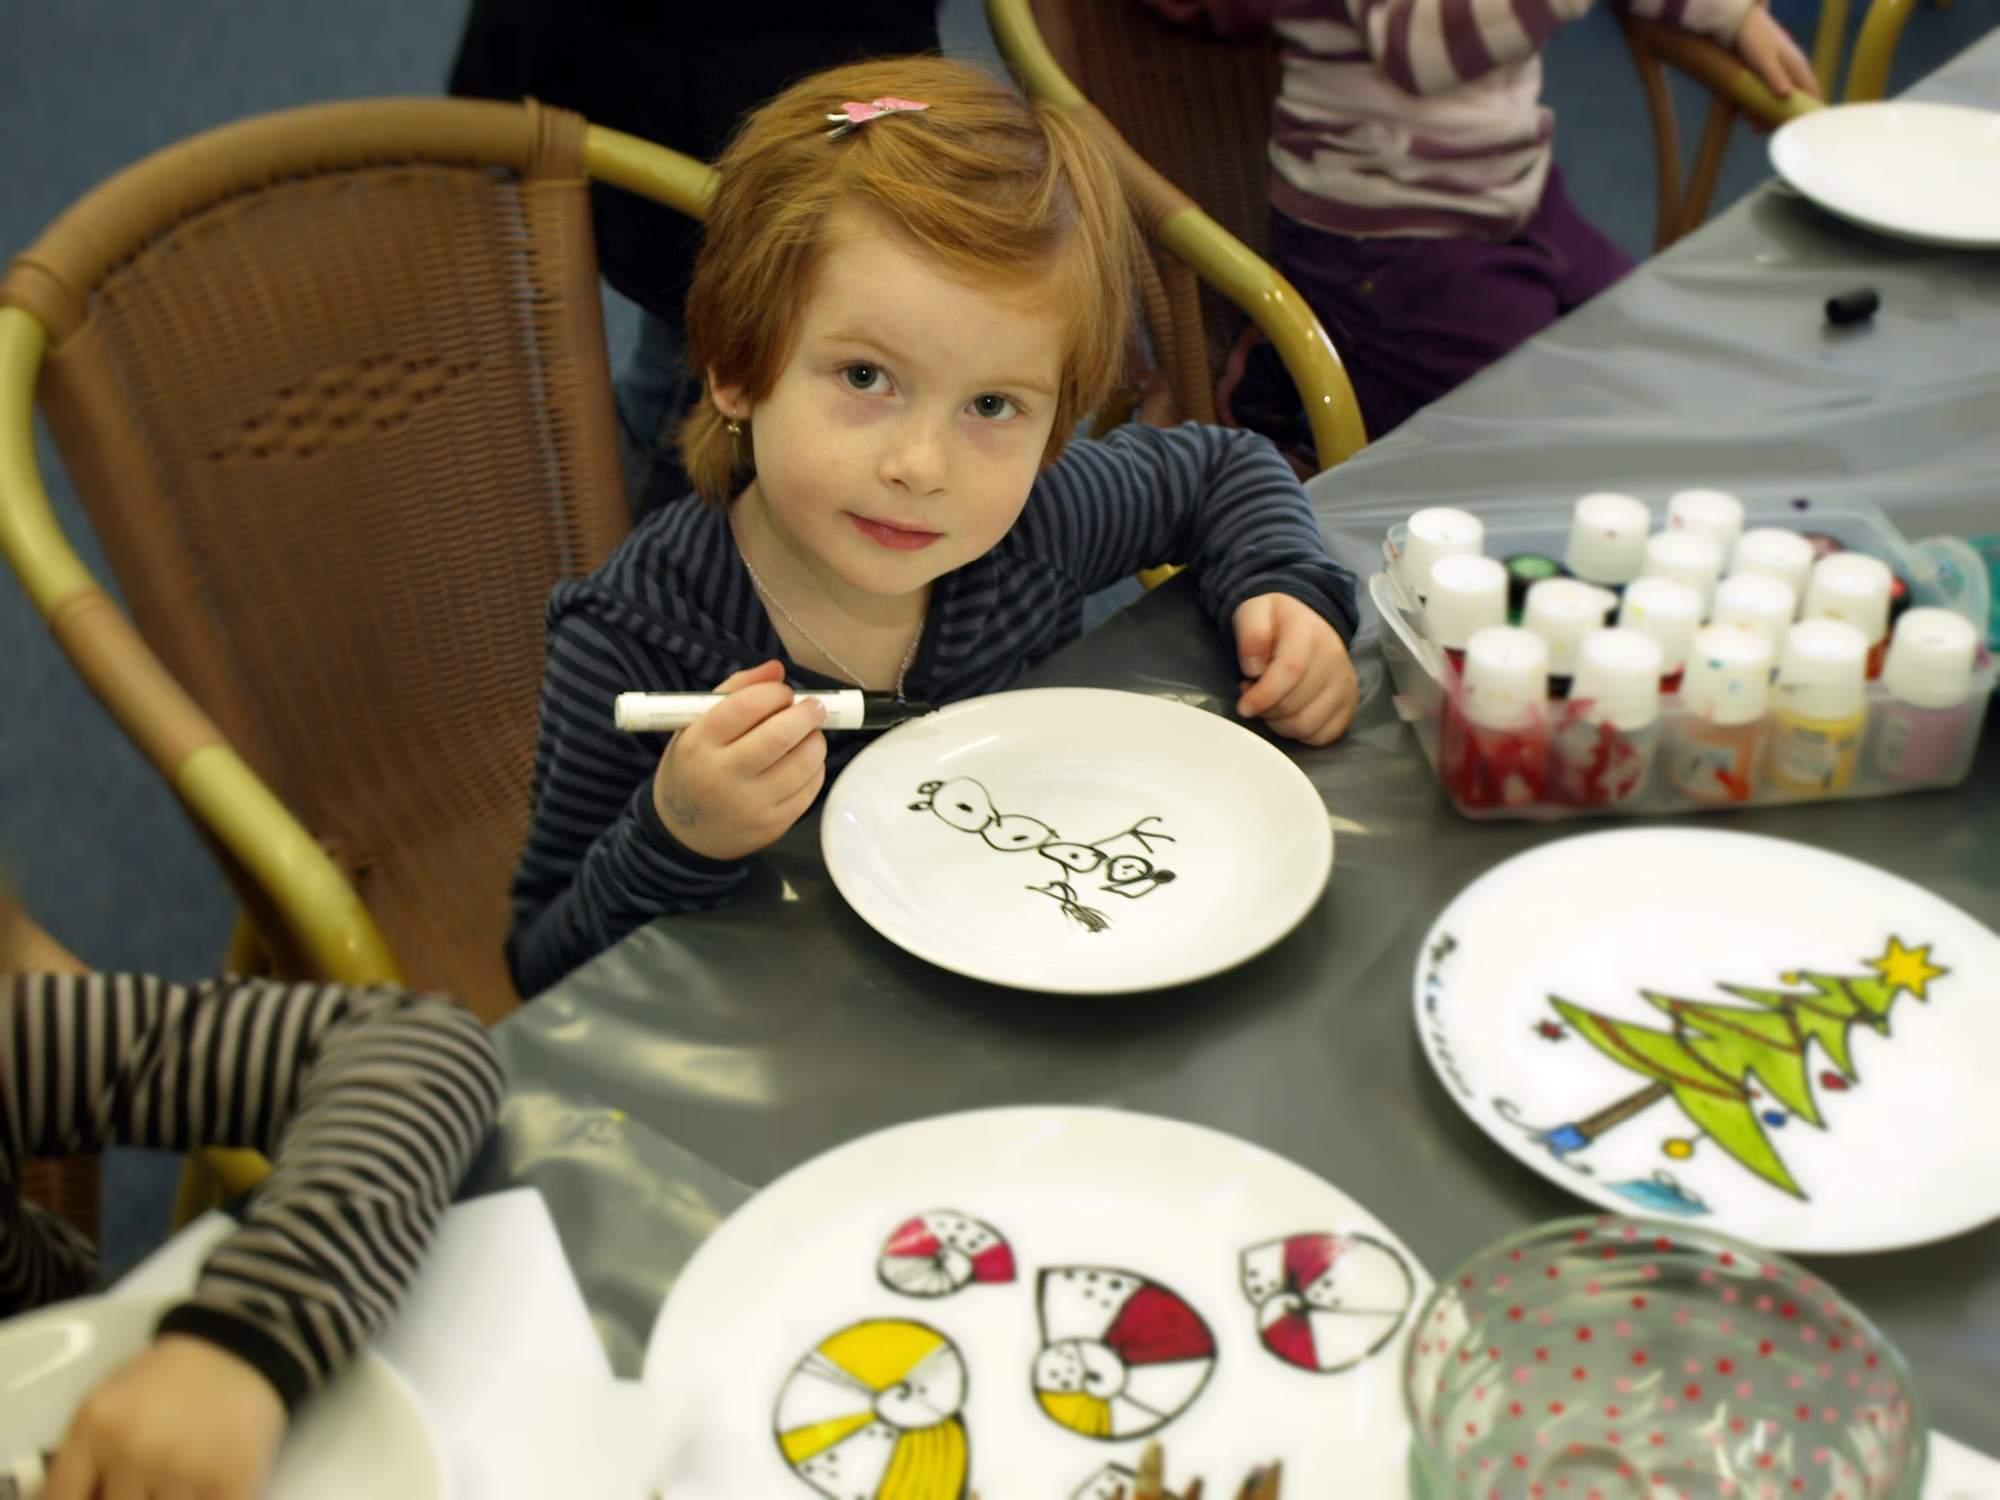 Malé děti měly možnost pomalovat si talíř. Foto: Bečáková Klára